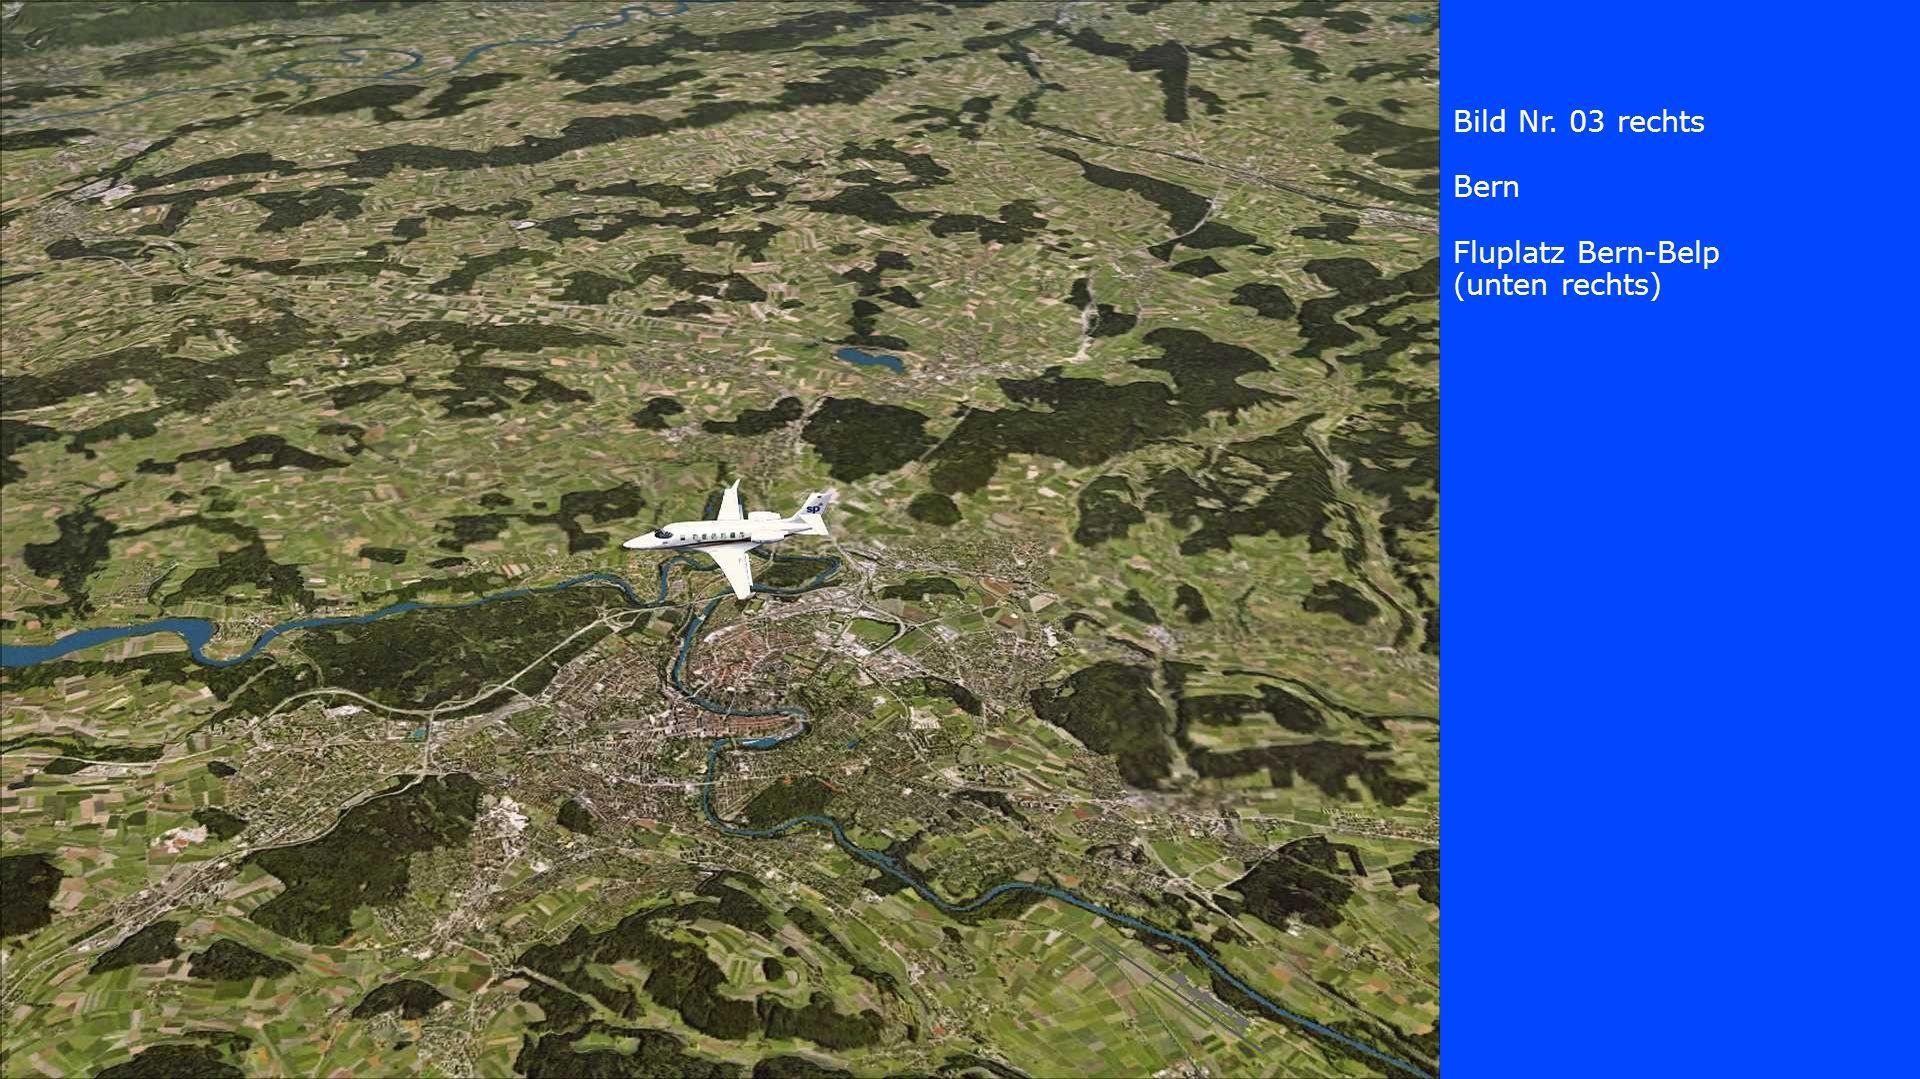 Bild Nr. 03 rechts Bern Fluplatz Bern-Belp (unten rechts)